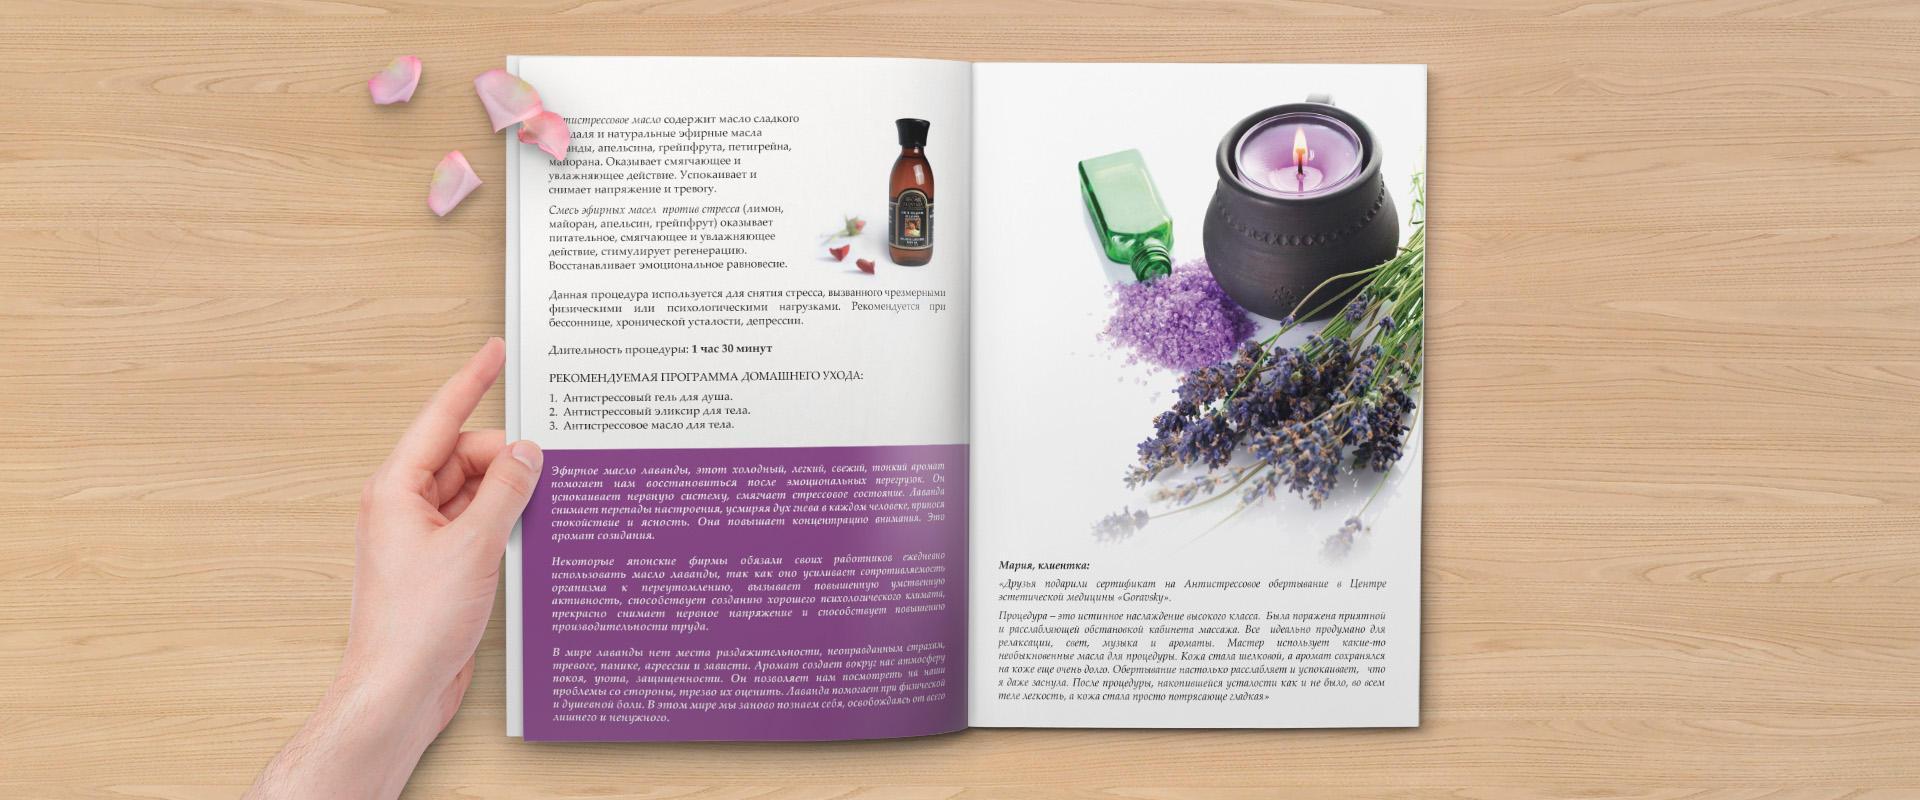 Создание каталога для медицинской компании